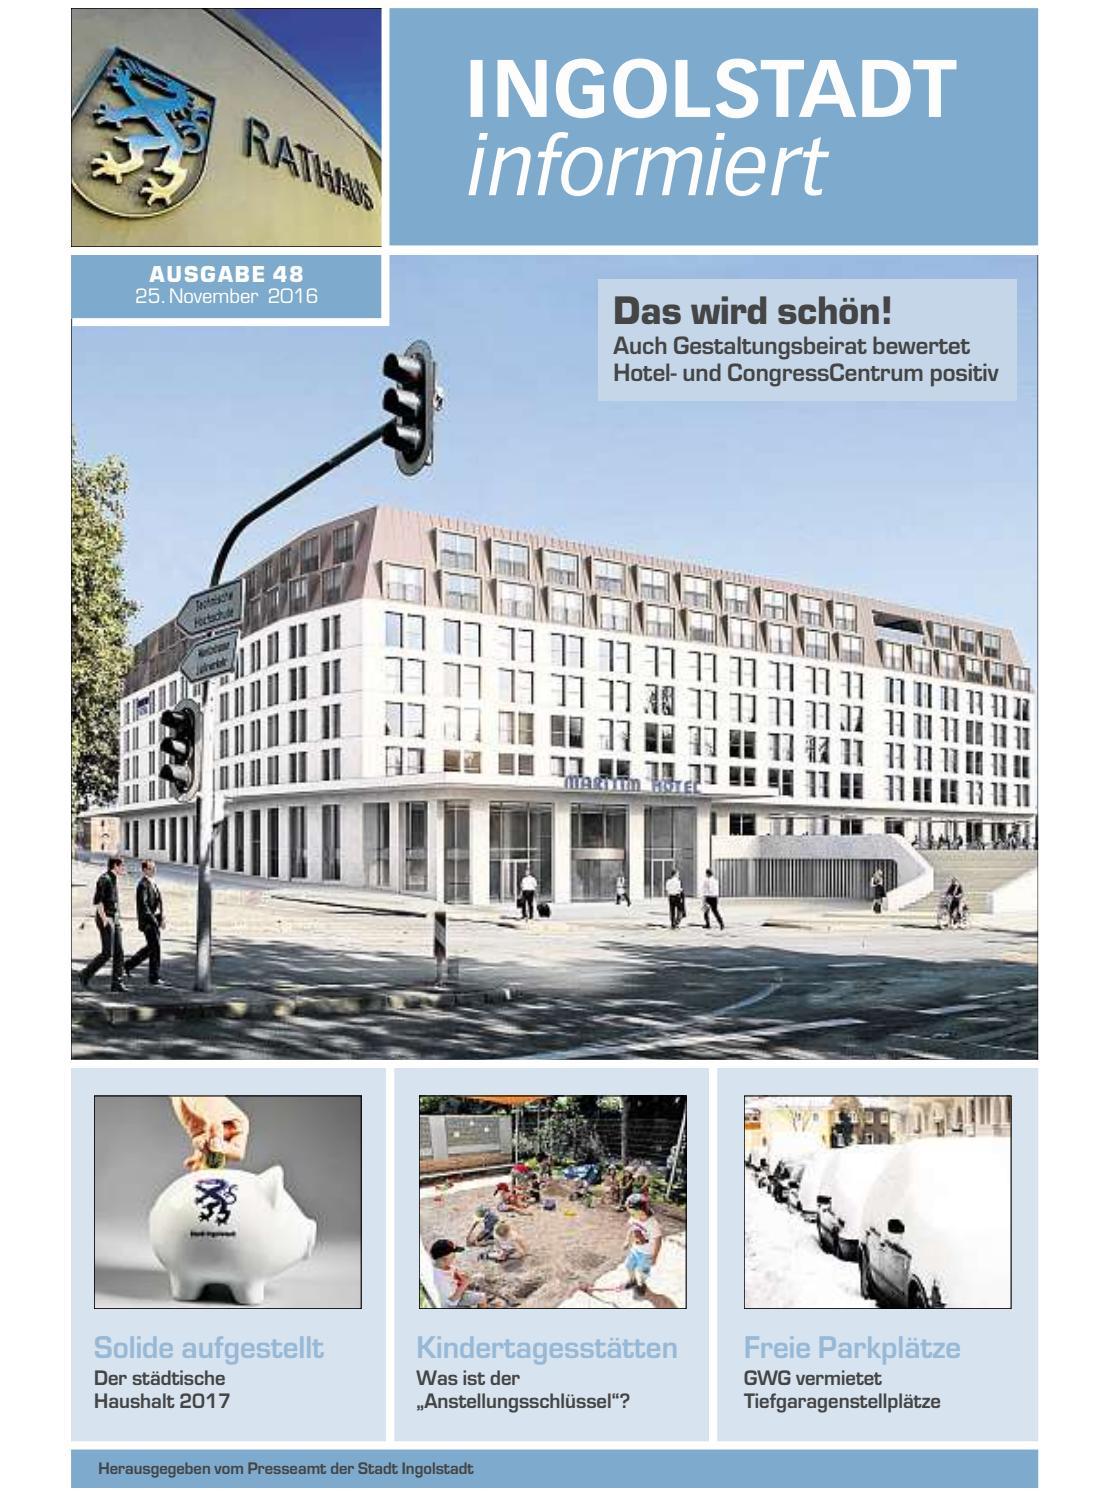 Freie Parkplätze Ingolstadt